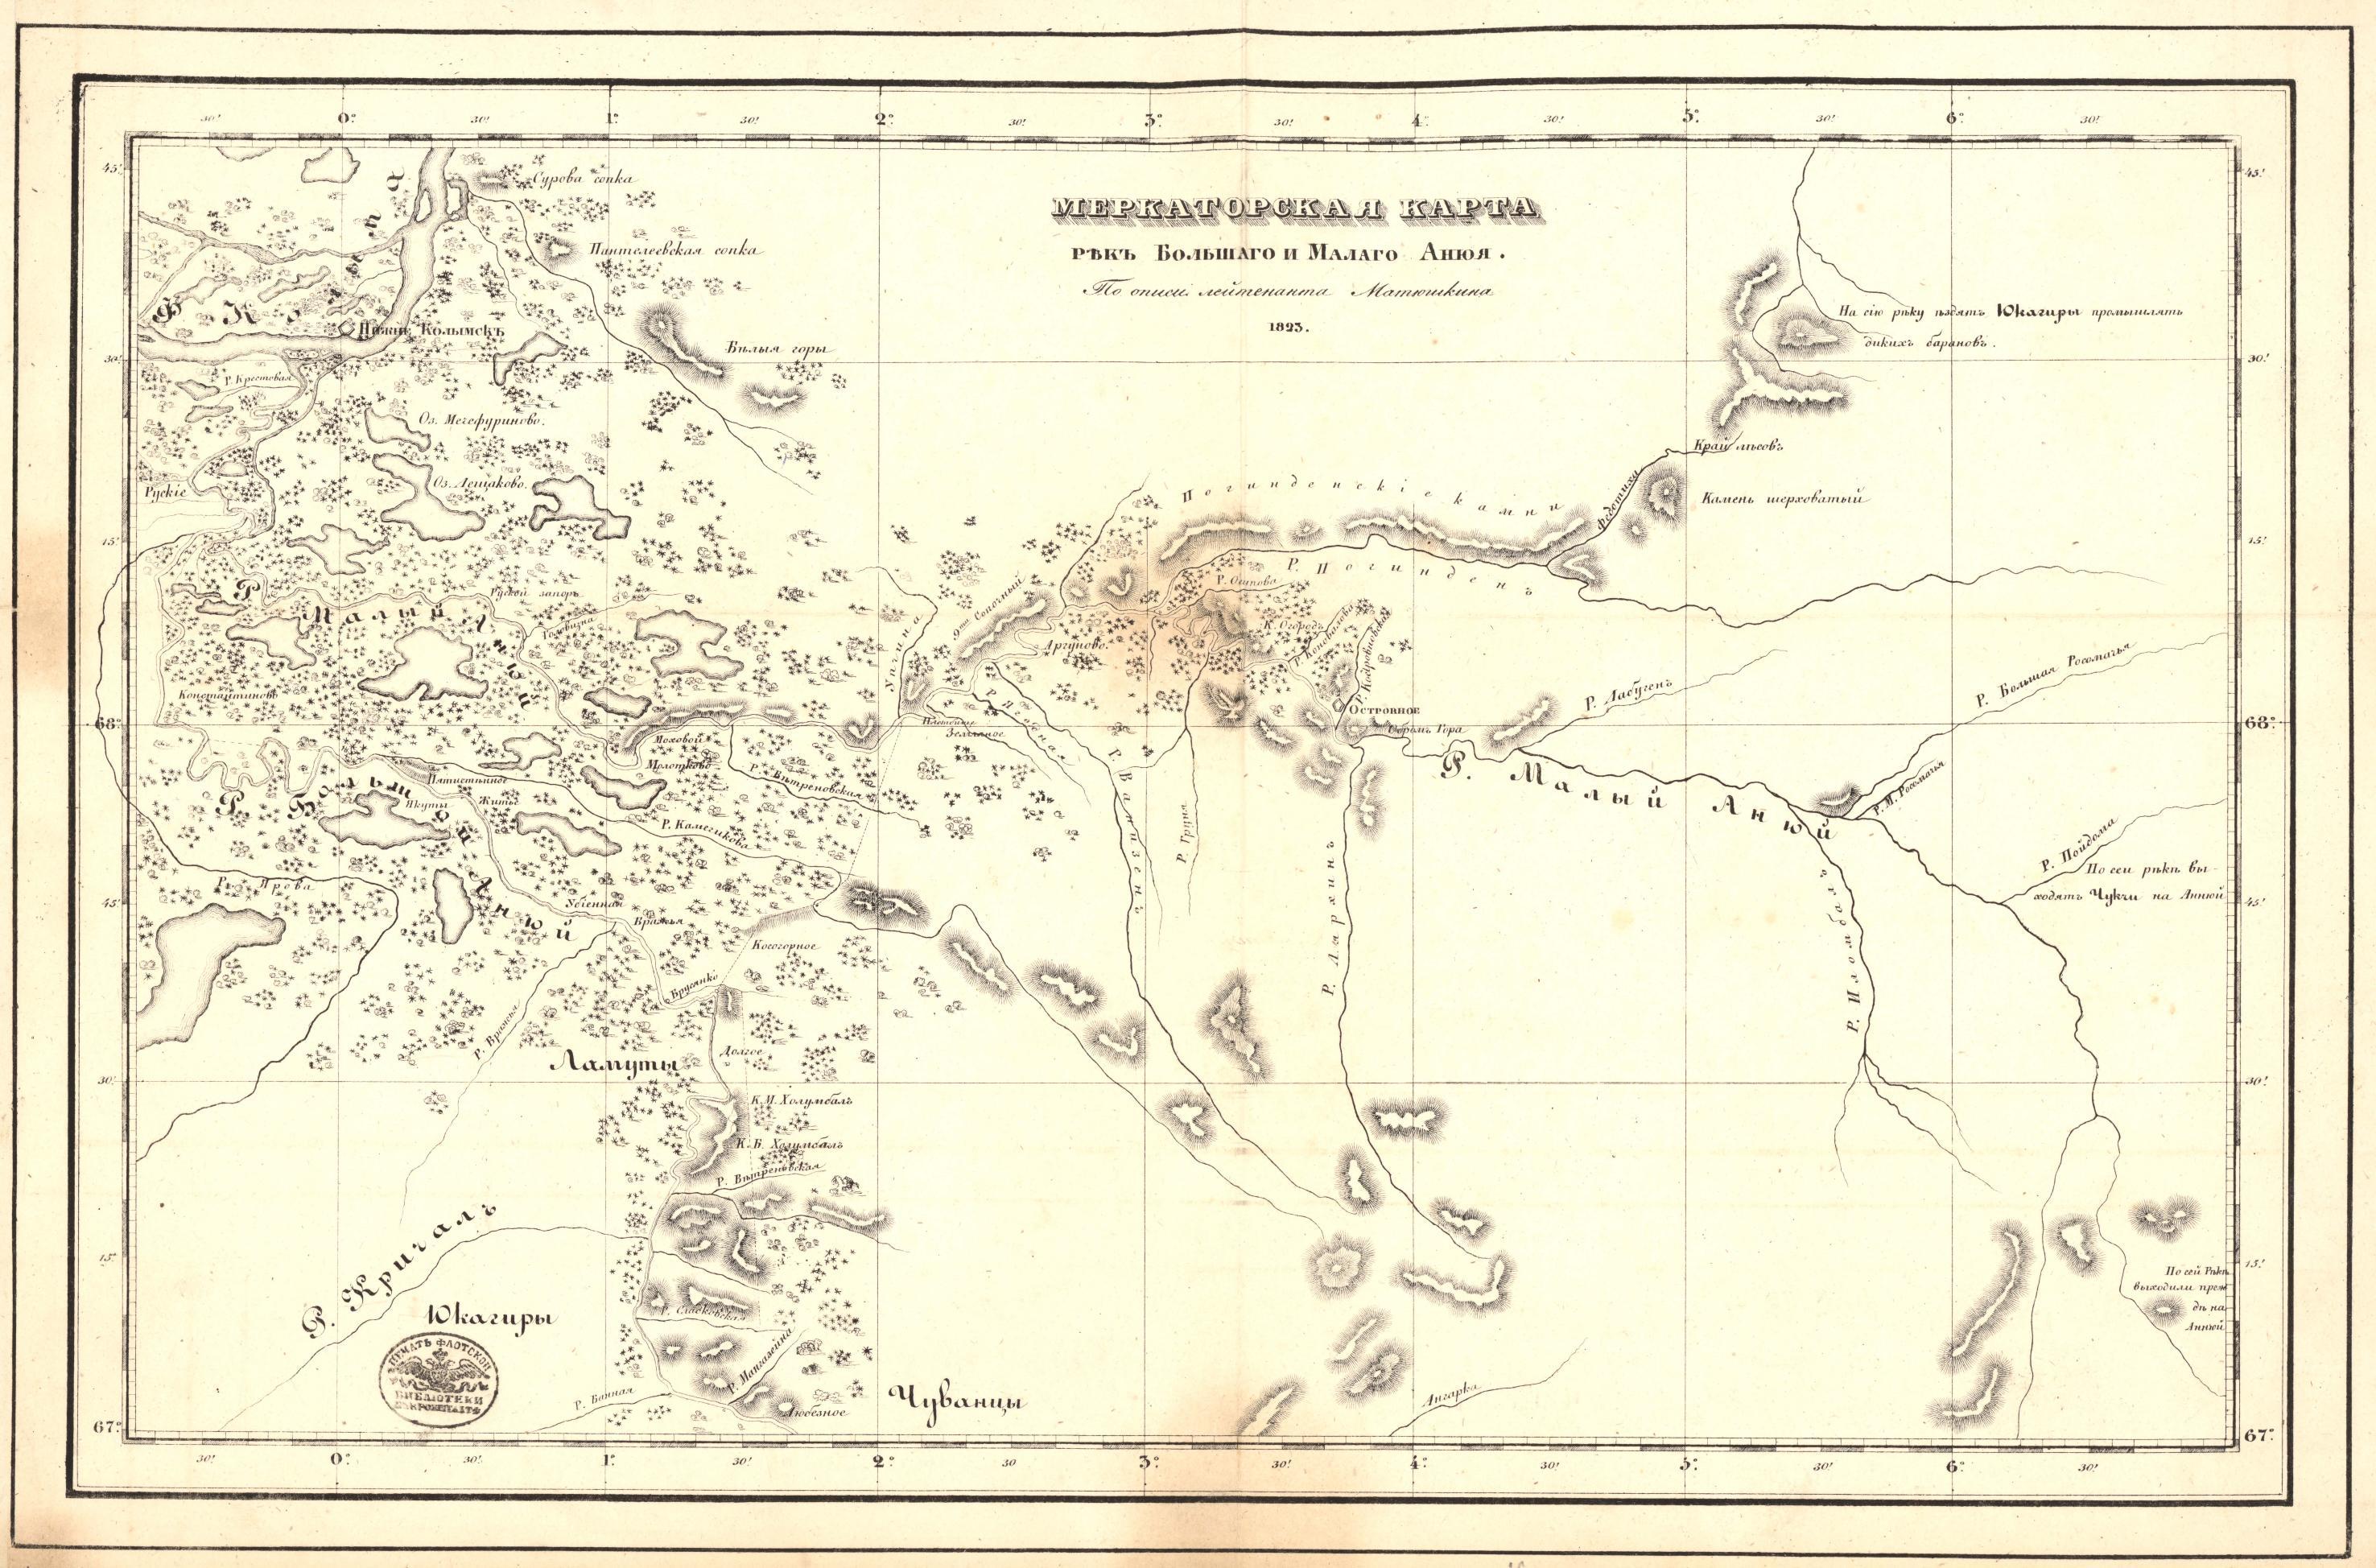 16. Меркаторская карта рек Большого и Малого Анюя по описи лейтенанта Матюшкина 1823